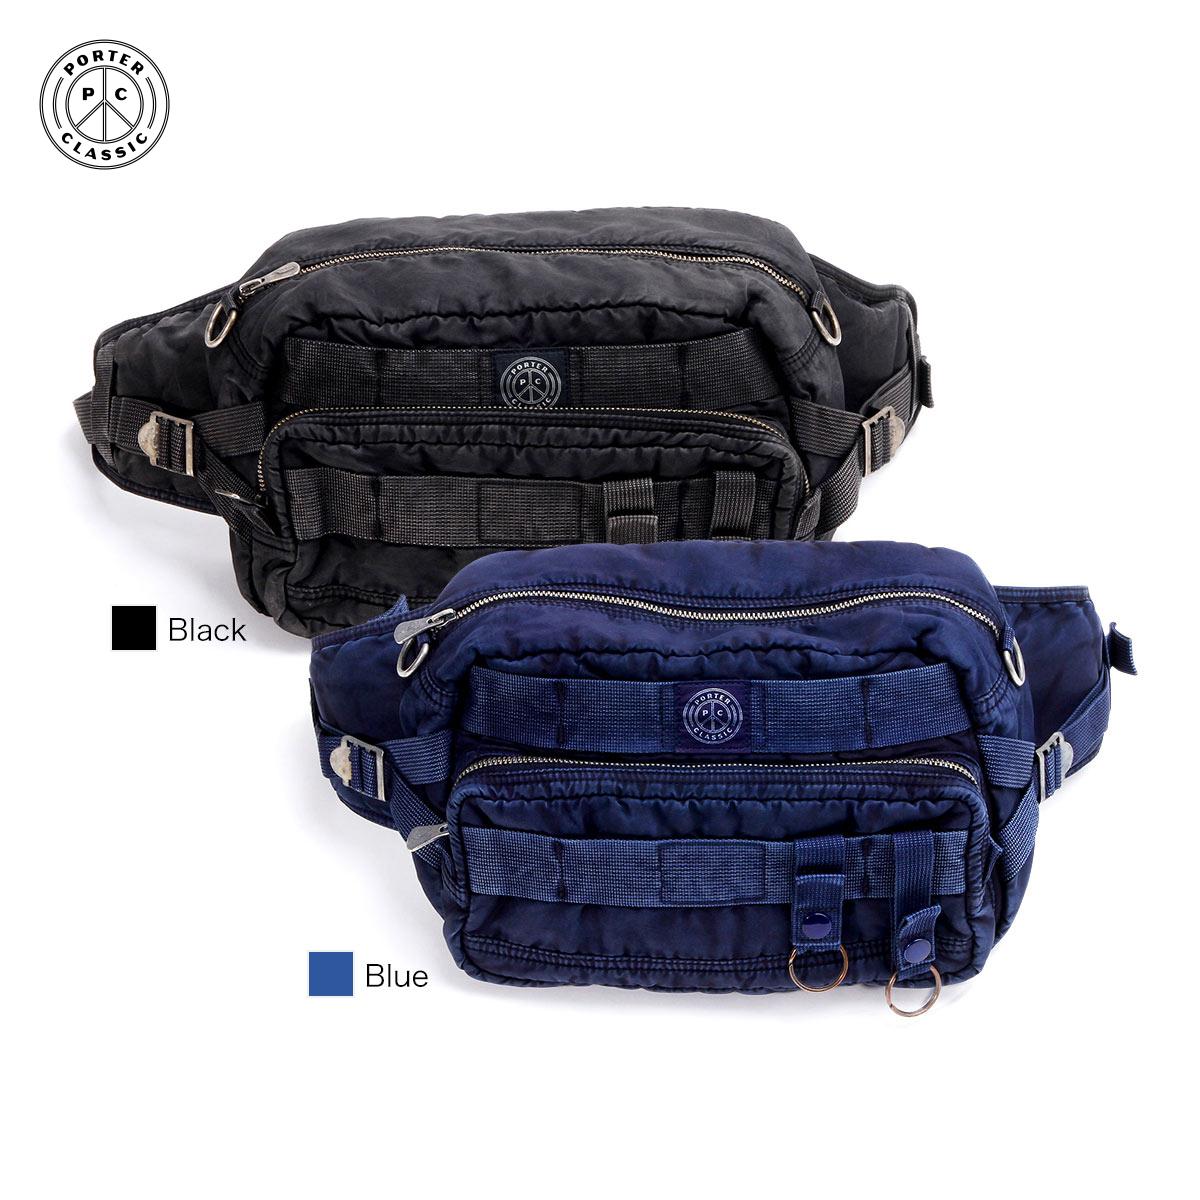 【正規販売店】ポータークラシック ボディバッグ スーパーナイロン WAIST BAG SUPER NYLON Porter Classic 015-272